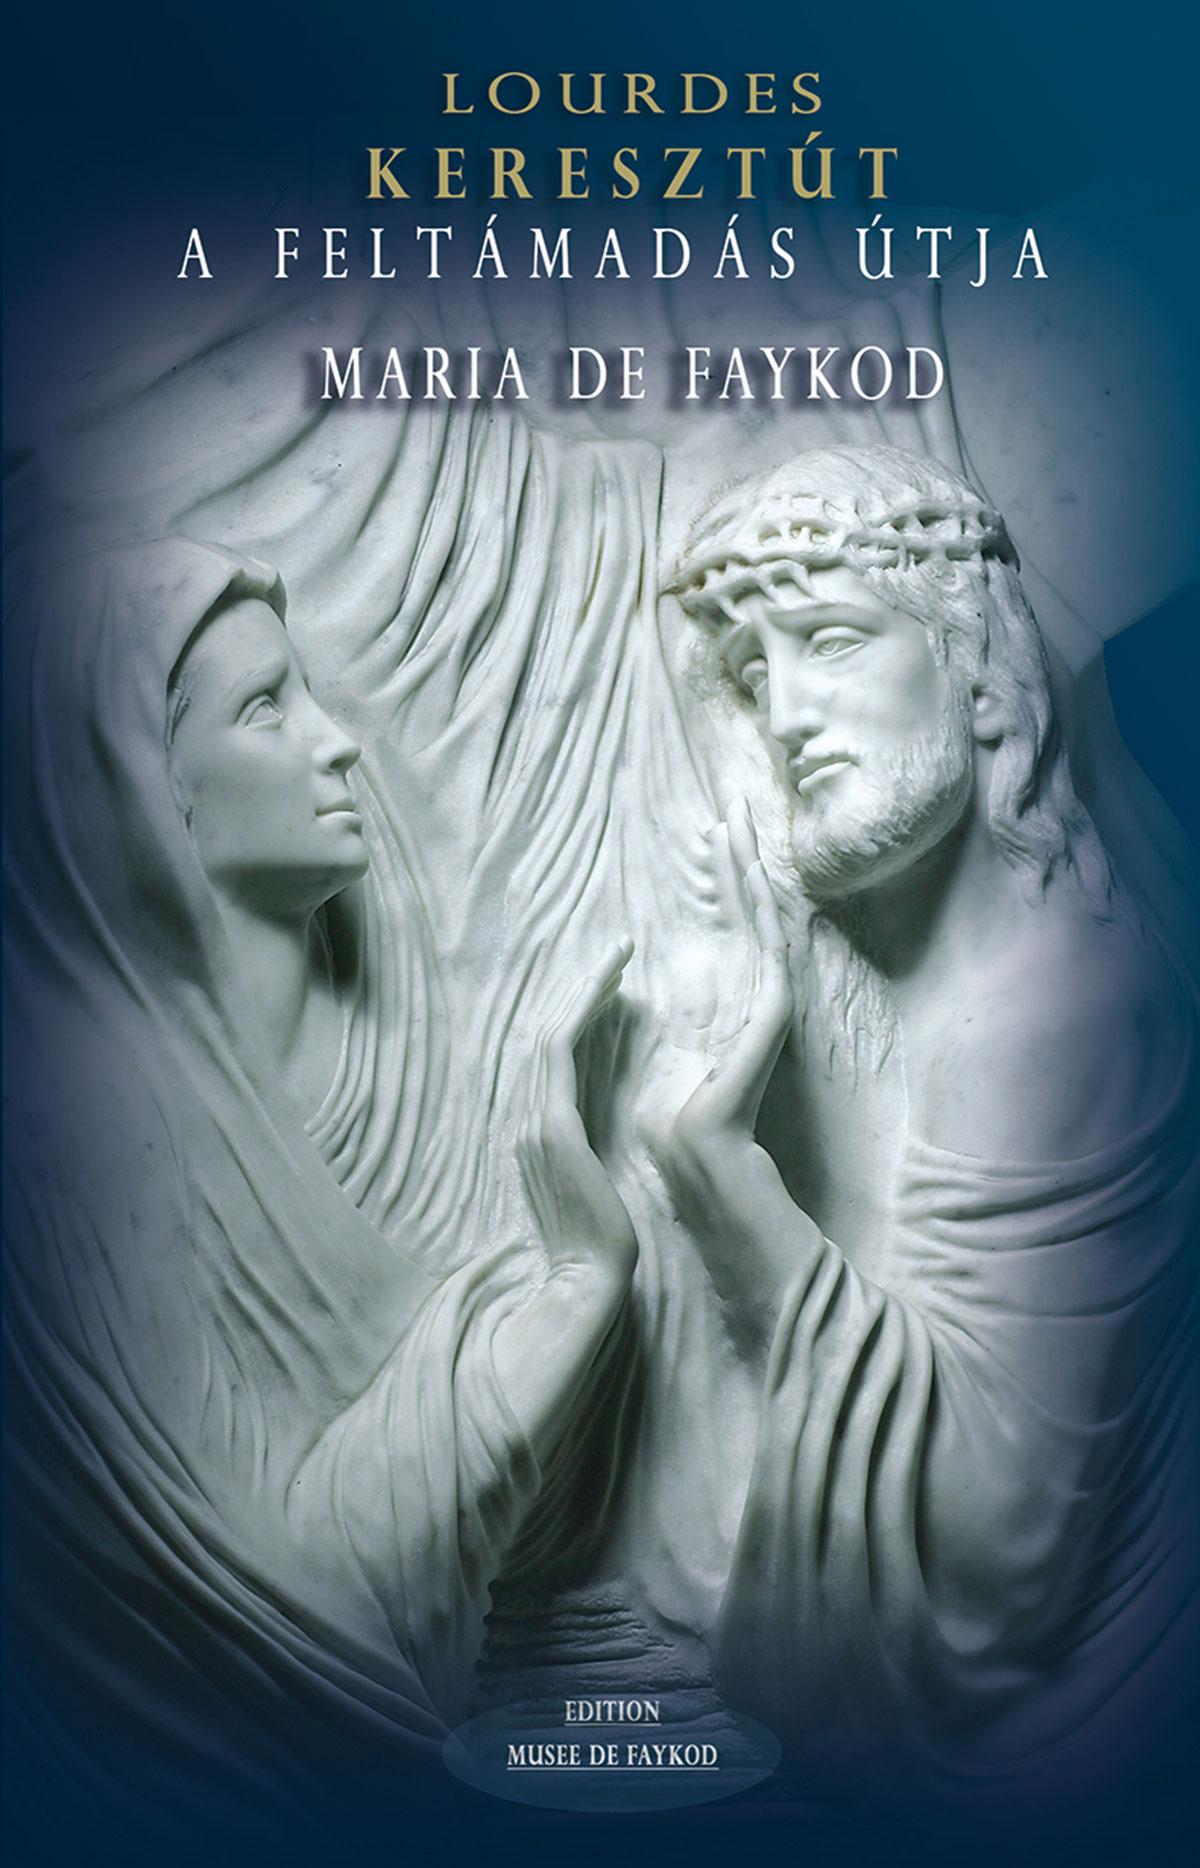 Livret - Lourdes, Keresztùt, A Feltàmadàs Ùtja - Maria de Faykod - Couverture